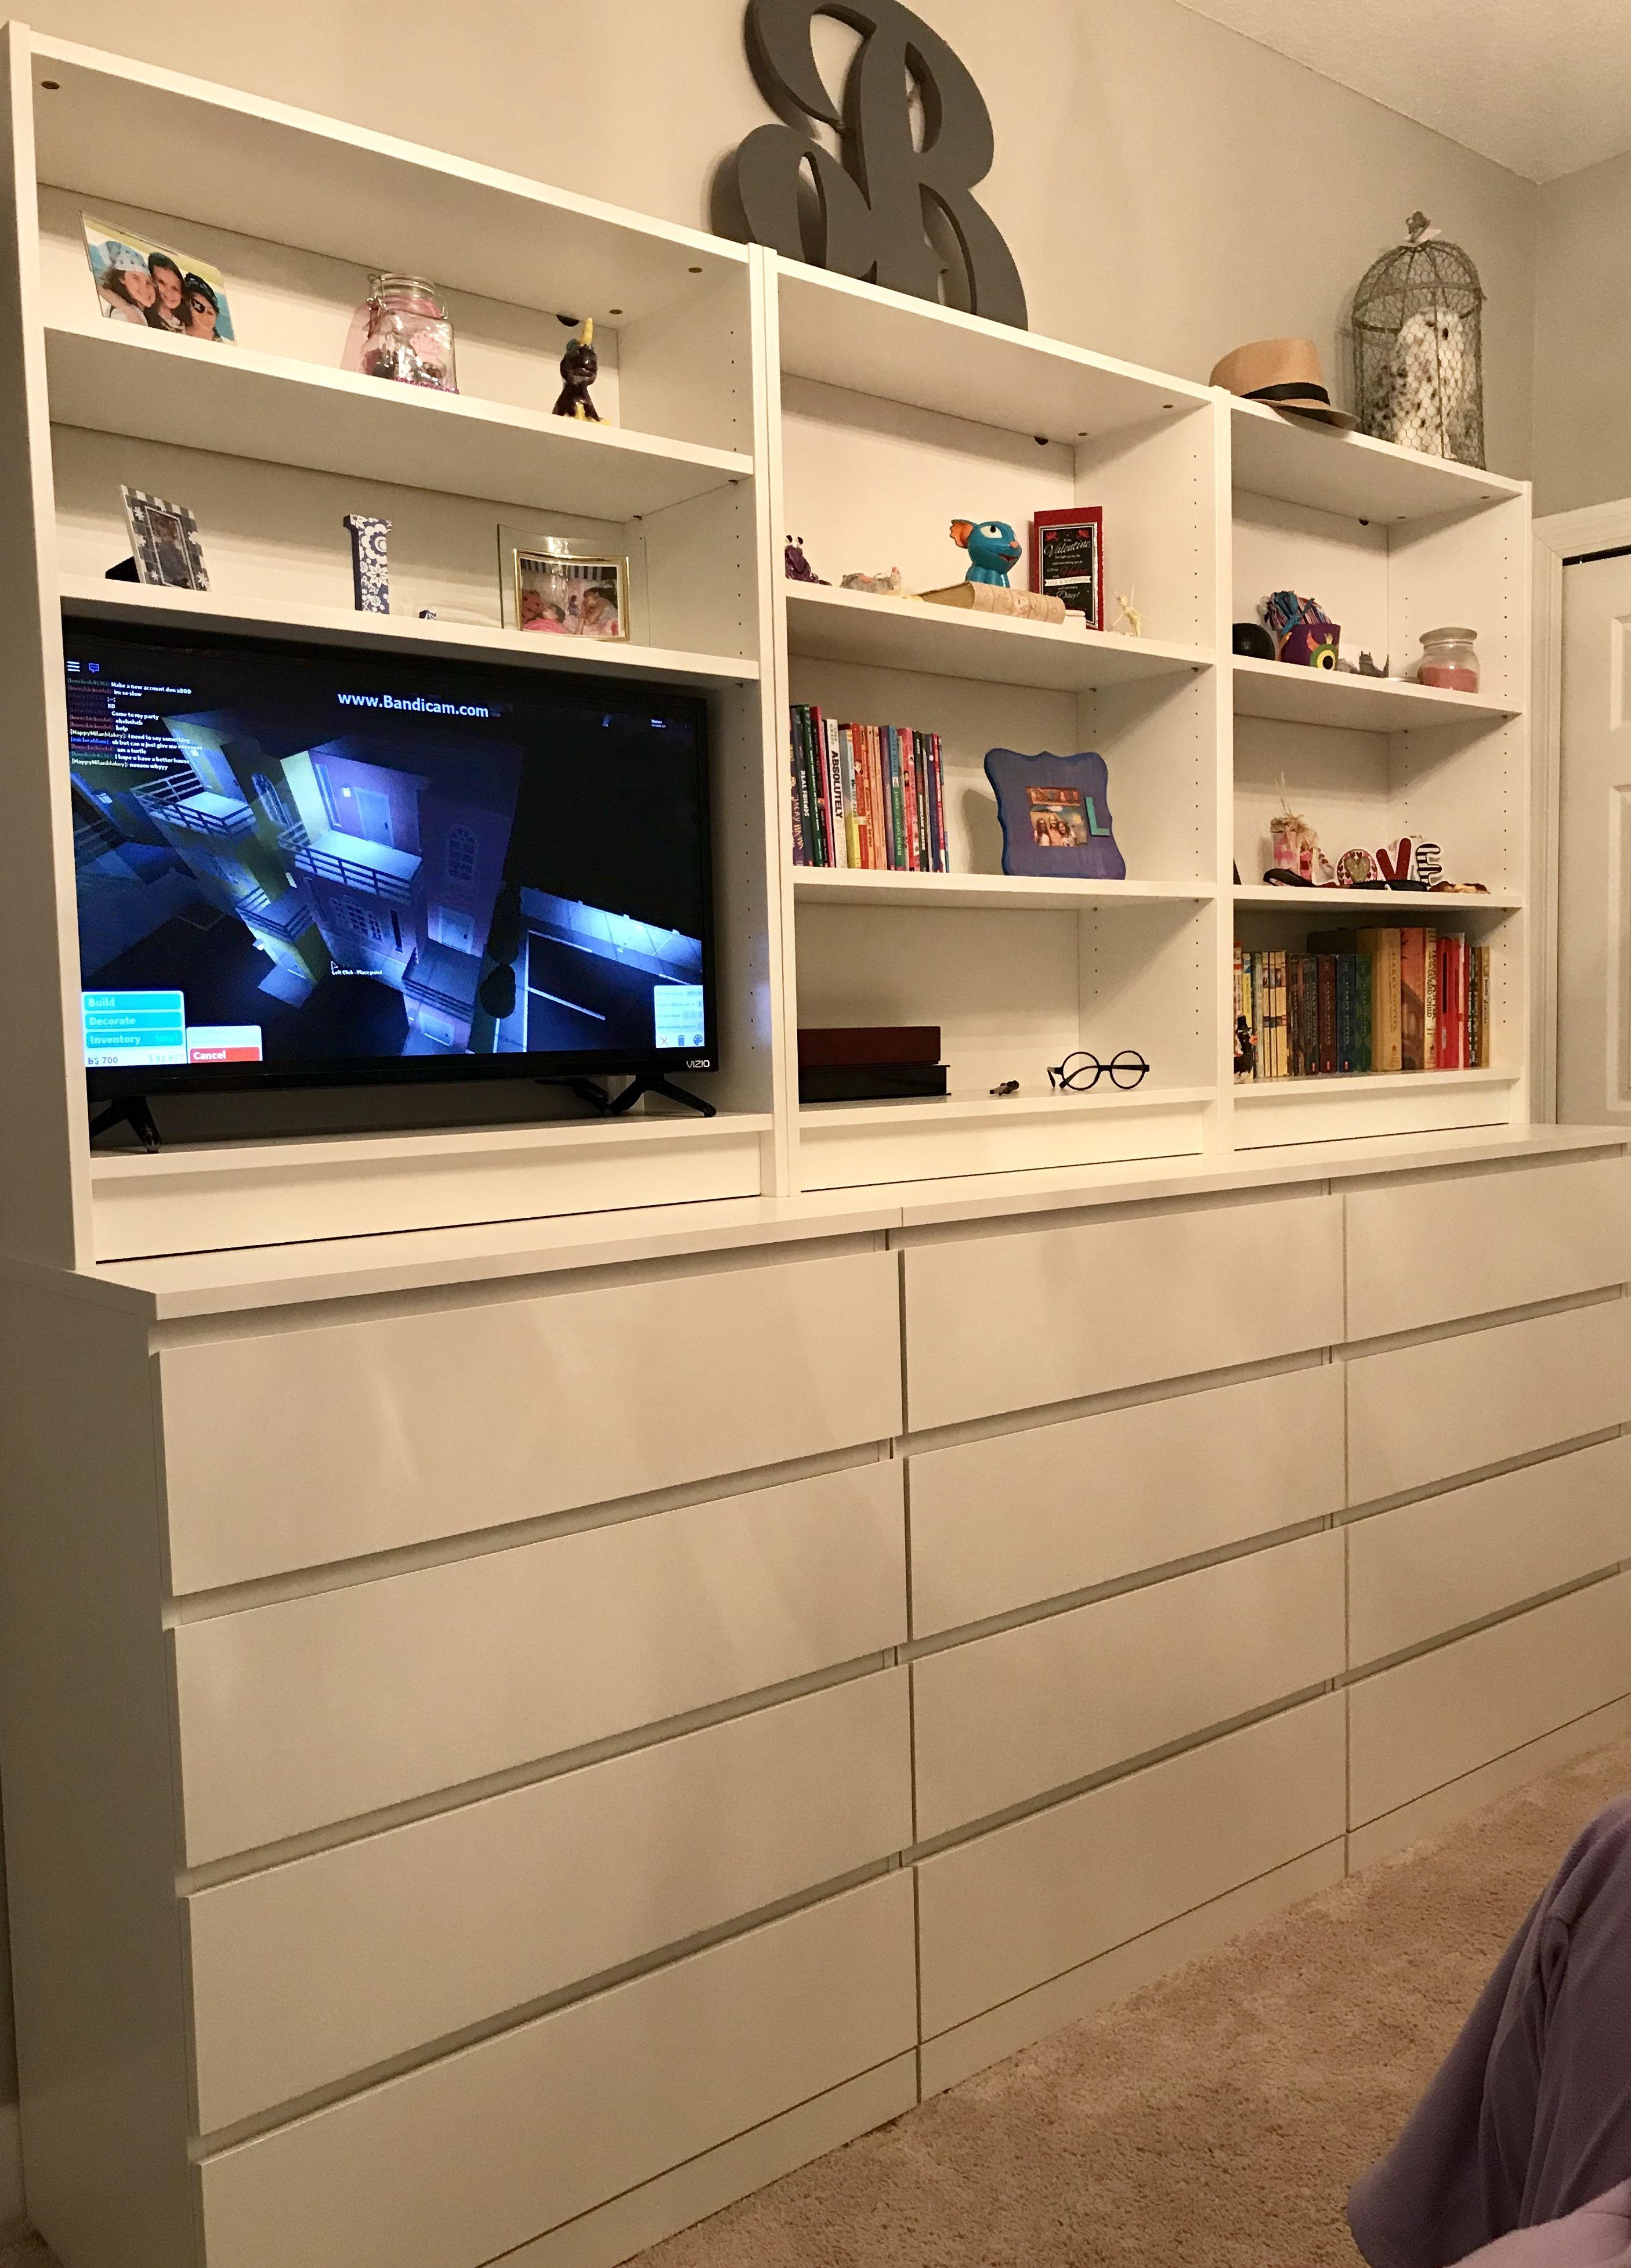 Ikea Malm And Billy Bookcases Ikea Bedroom Storage Ikea Malm Ikea Malm Drawers